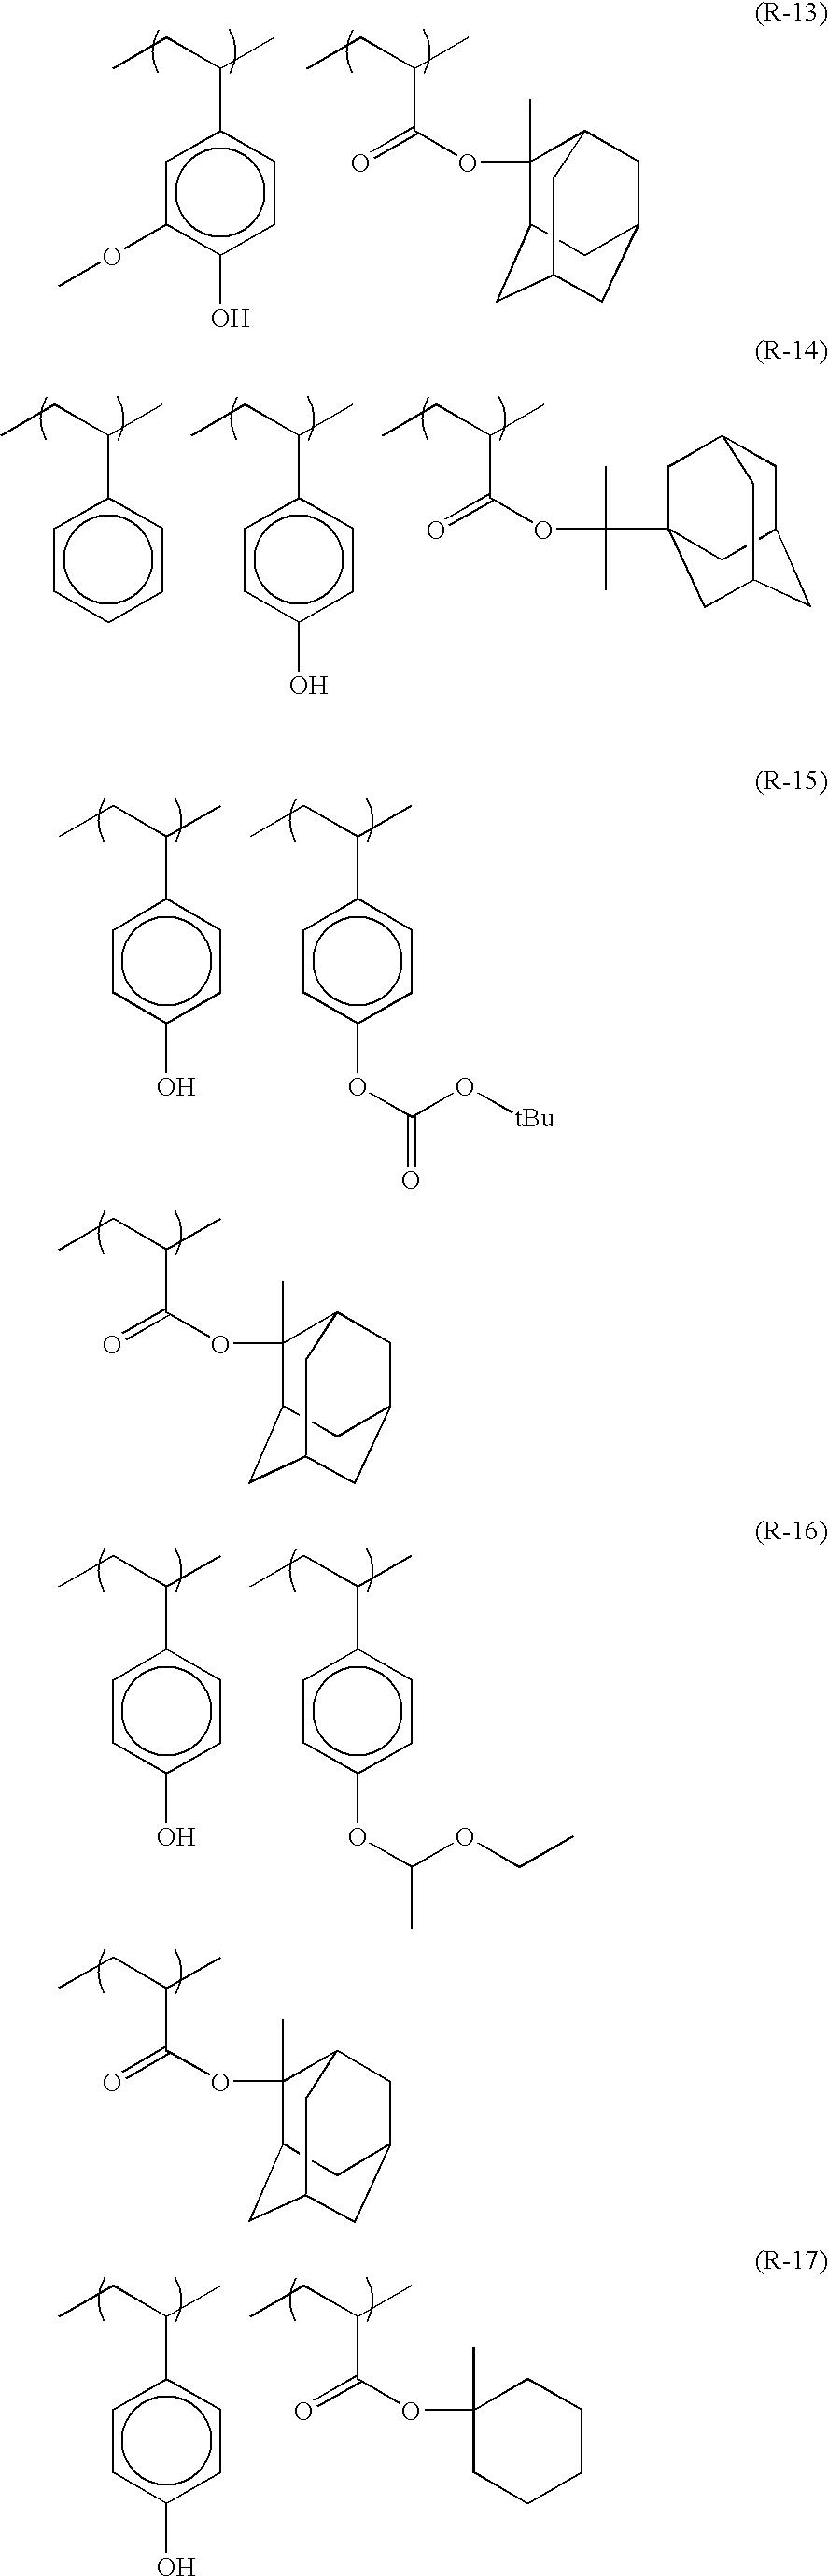 Figure US07985534-20110726-C00047